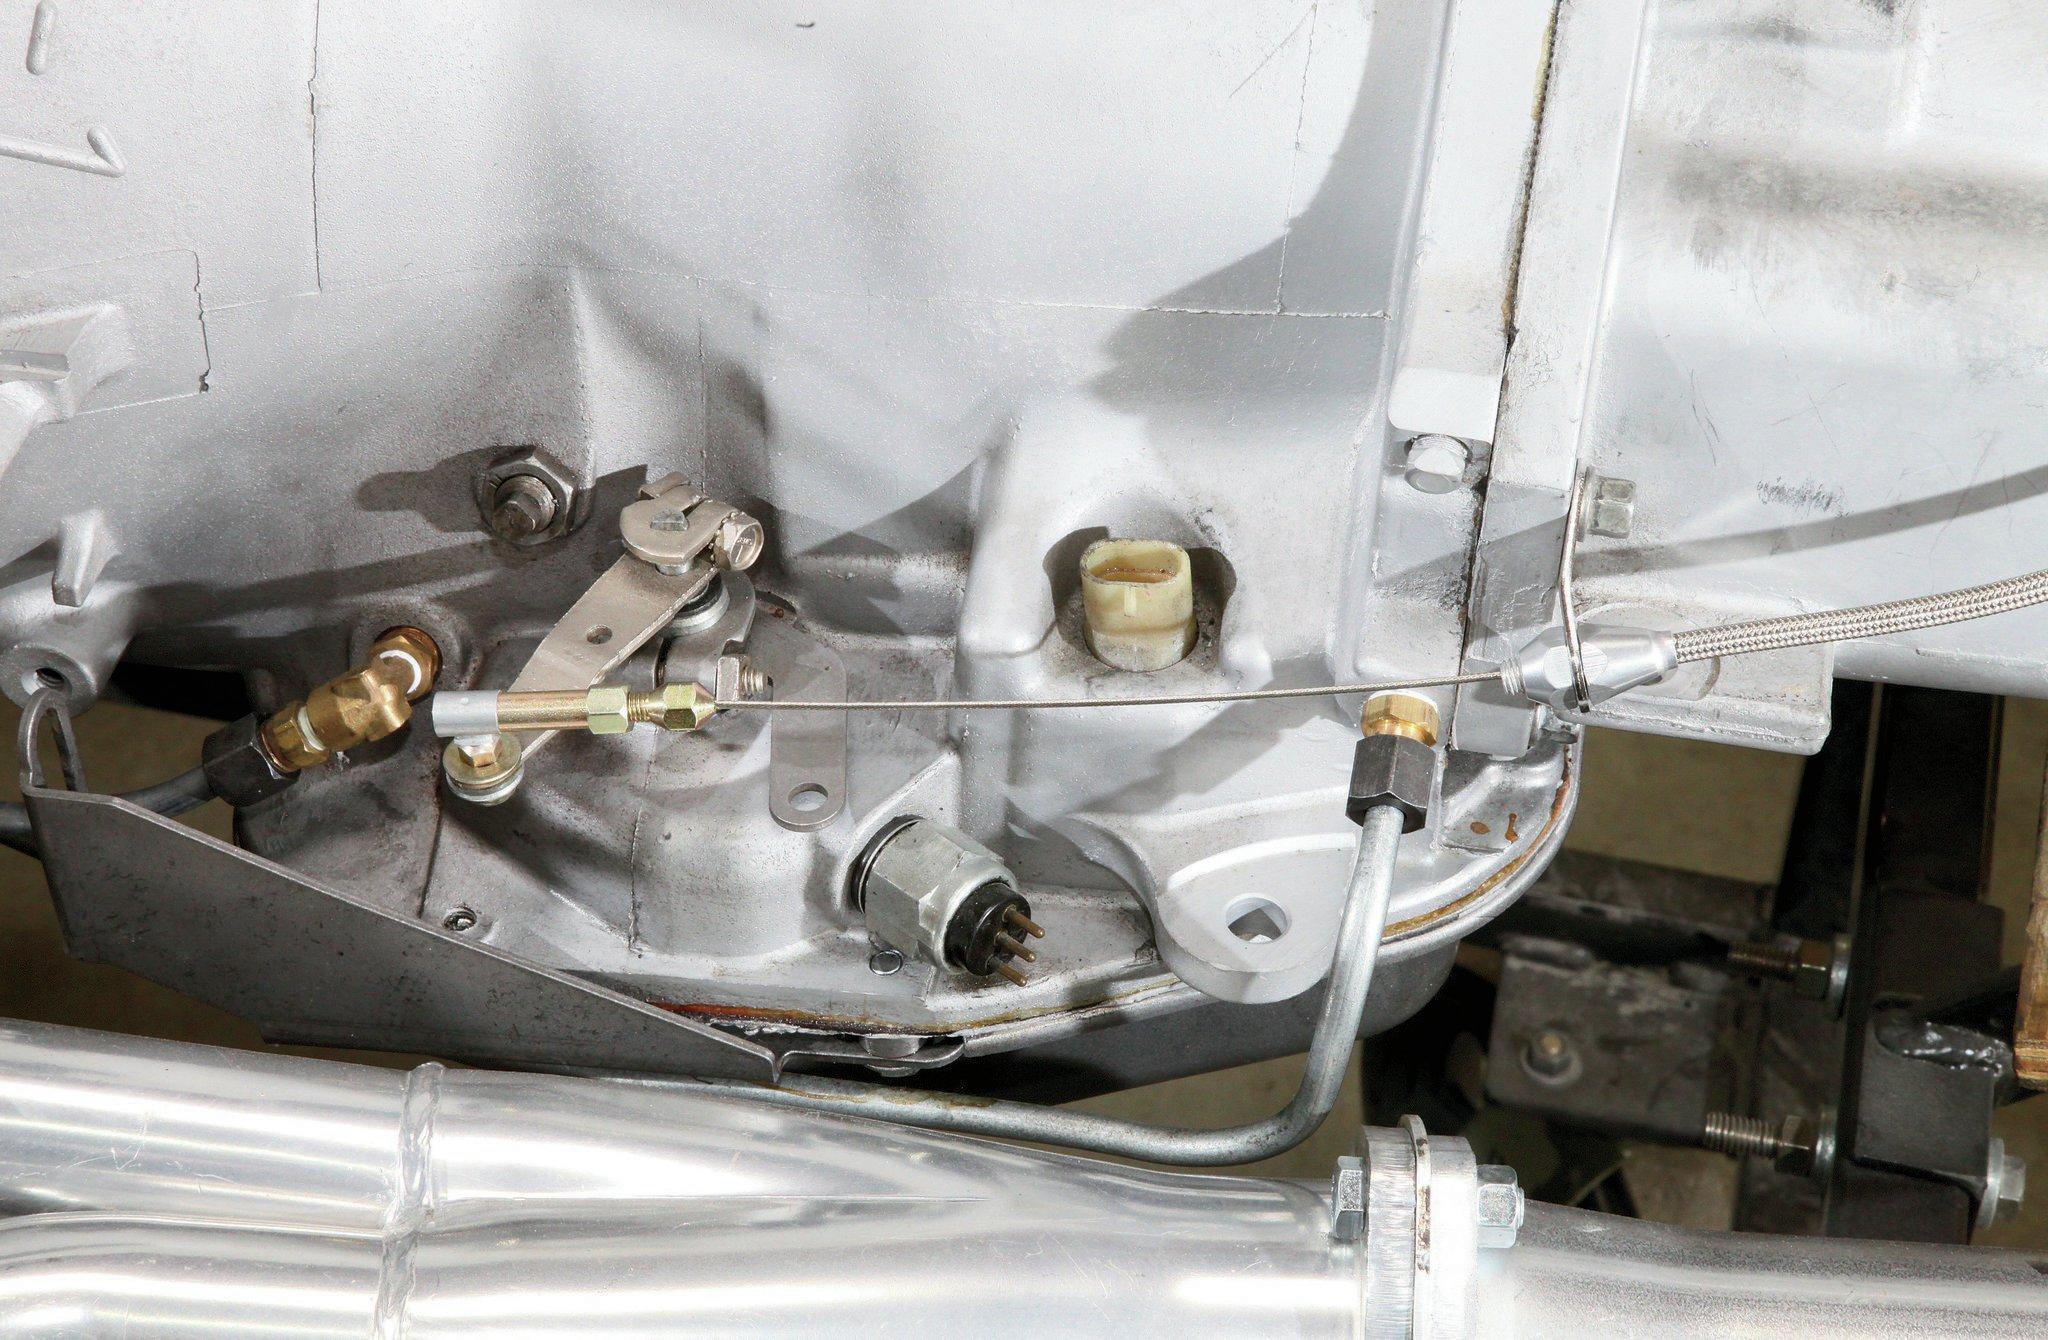 2003 Dodge Mins Fuel Filter Diagram Trusted Wiring Diagrams Ecm 5 9 Elsalvadorla 73 Housing